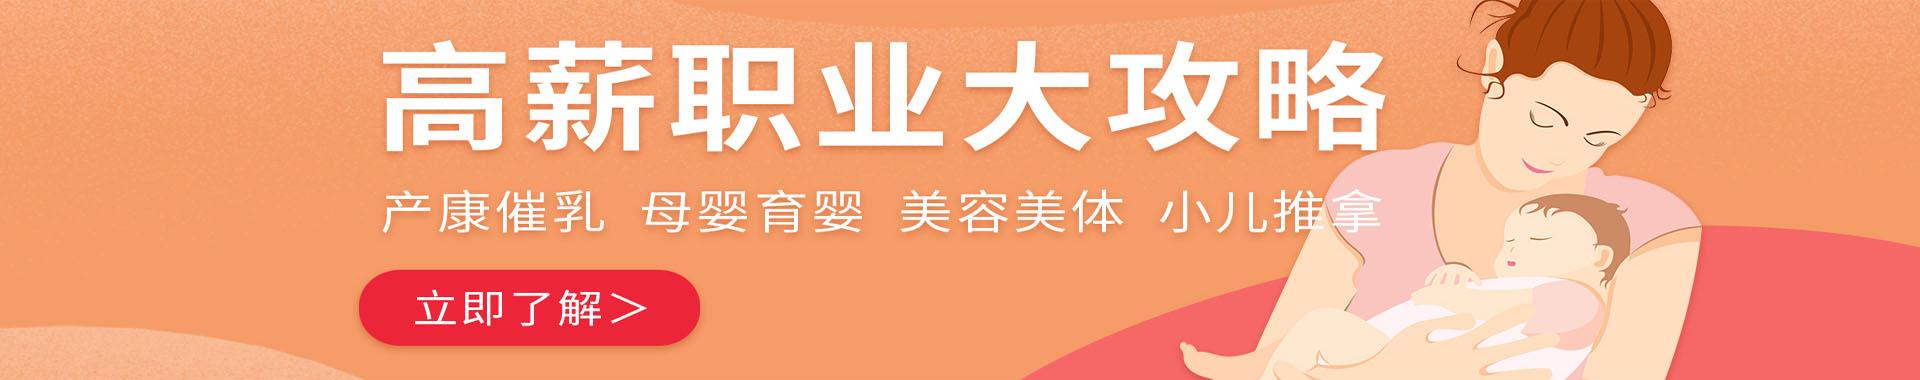 杭州鸿绘产康母婴美业培训中心